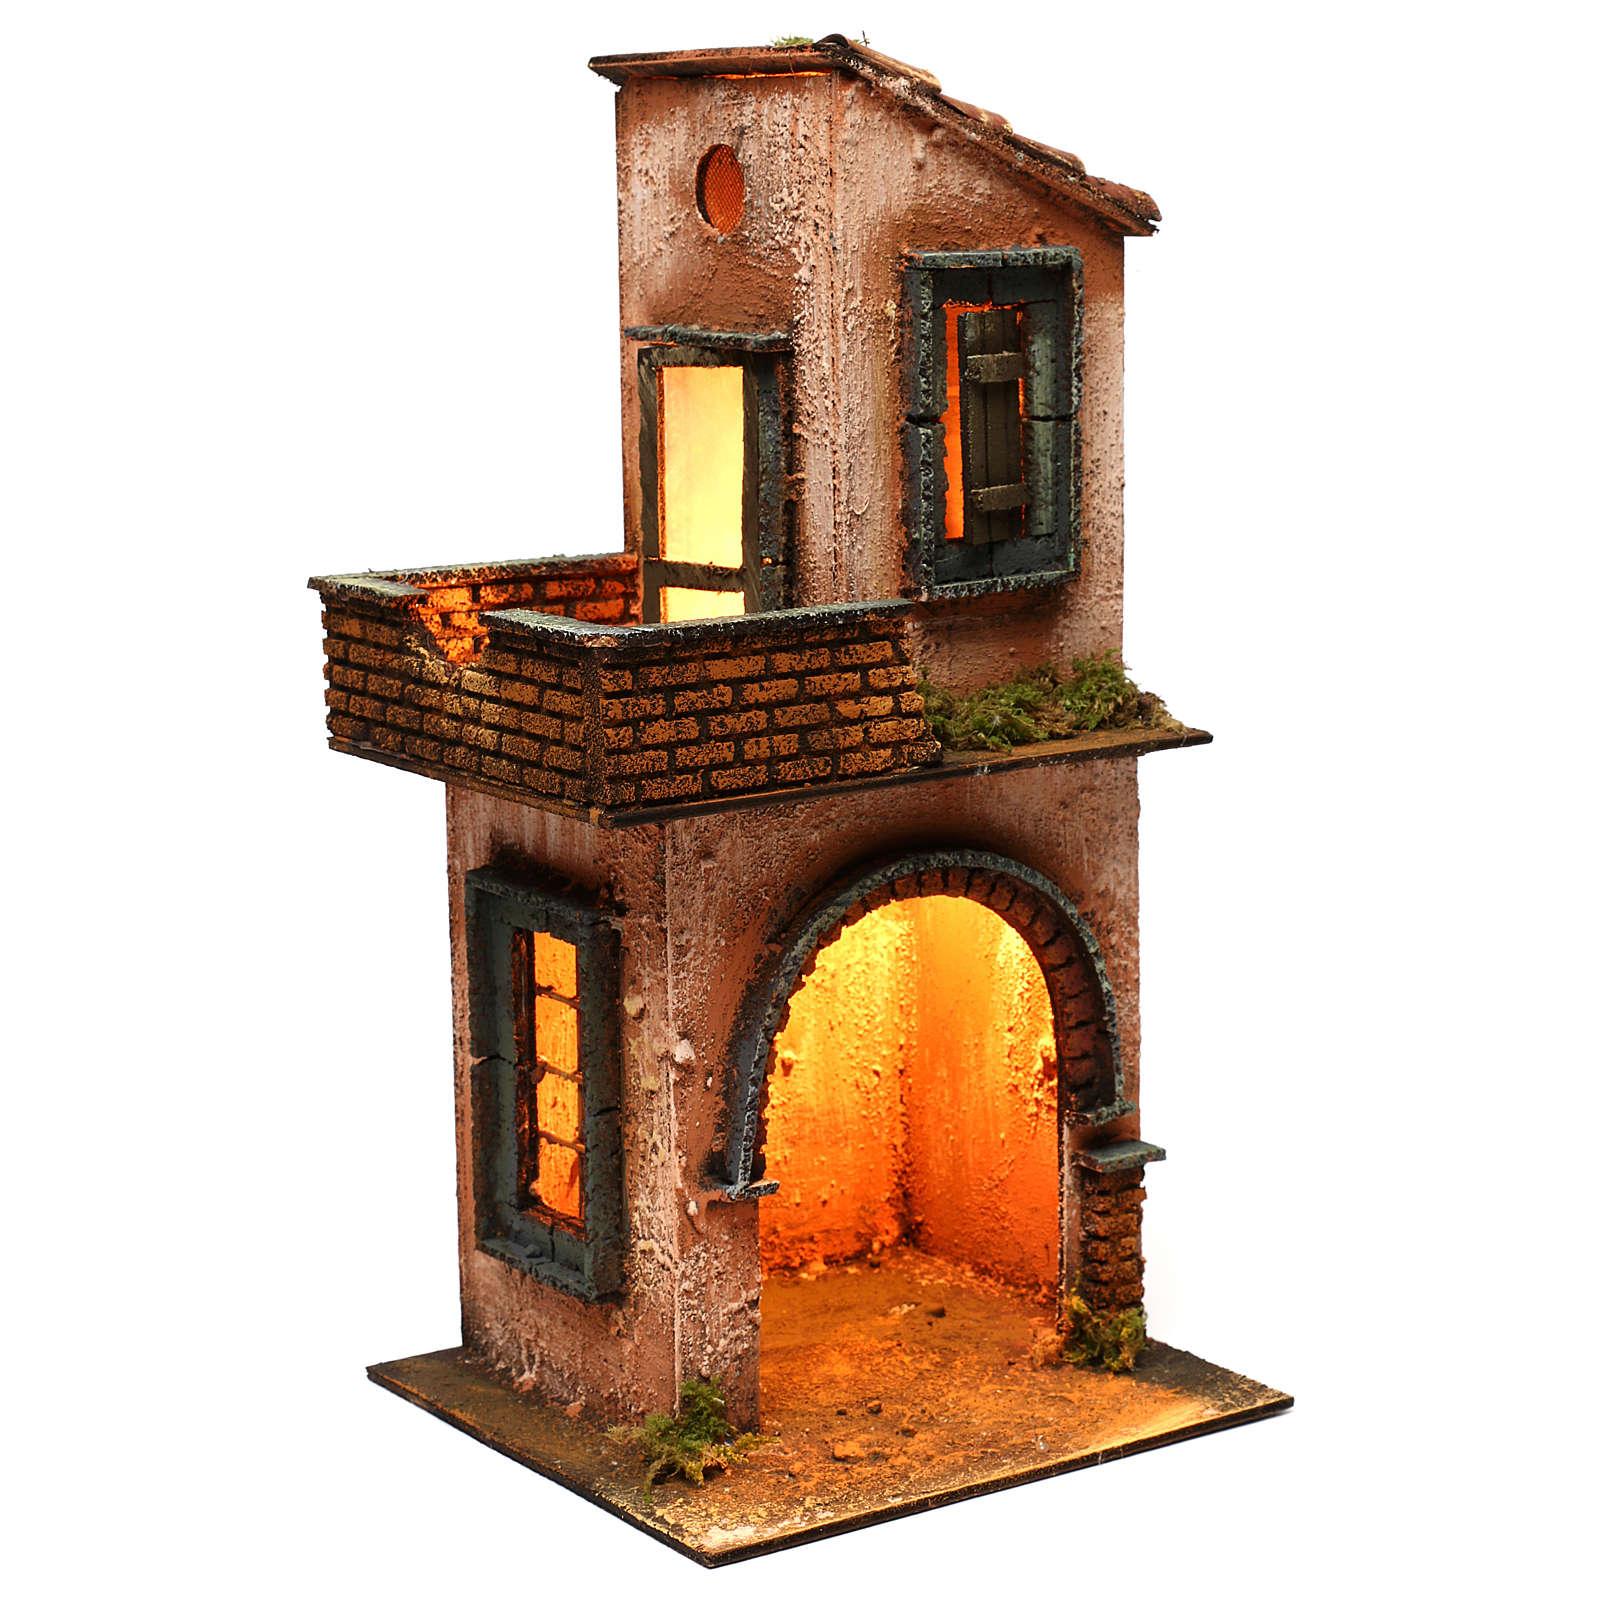 Casa in legno illuminata presepe napoletano stile 700 40x 20x20 cm 4